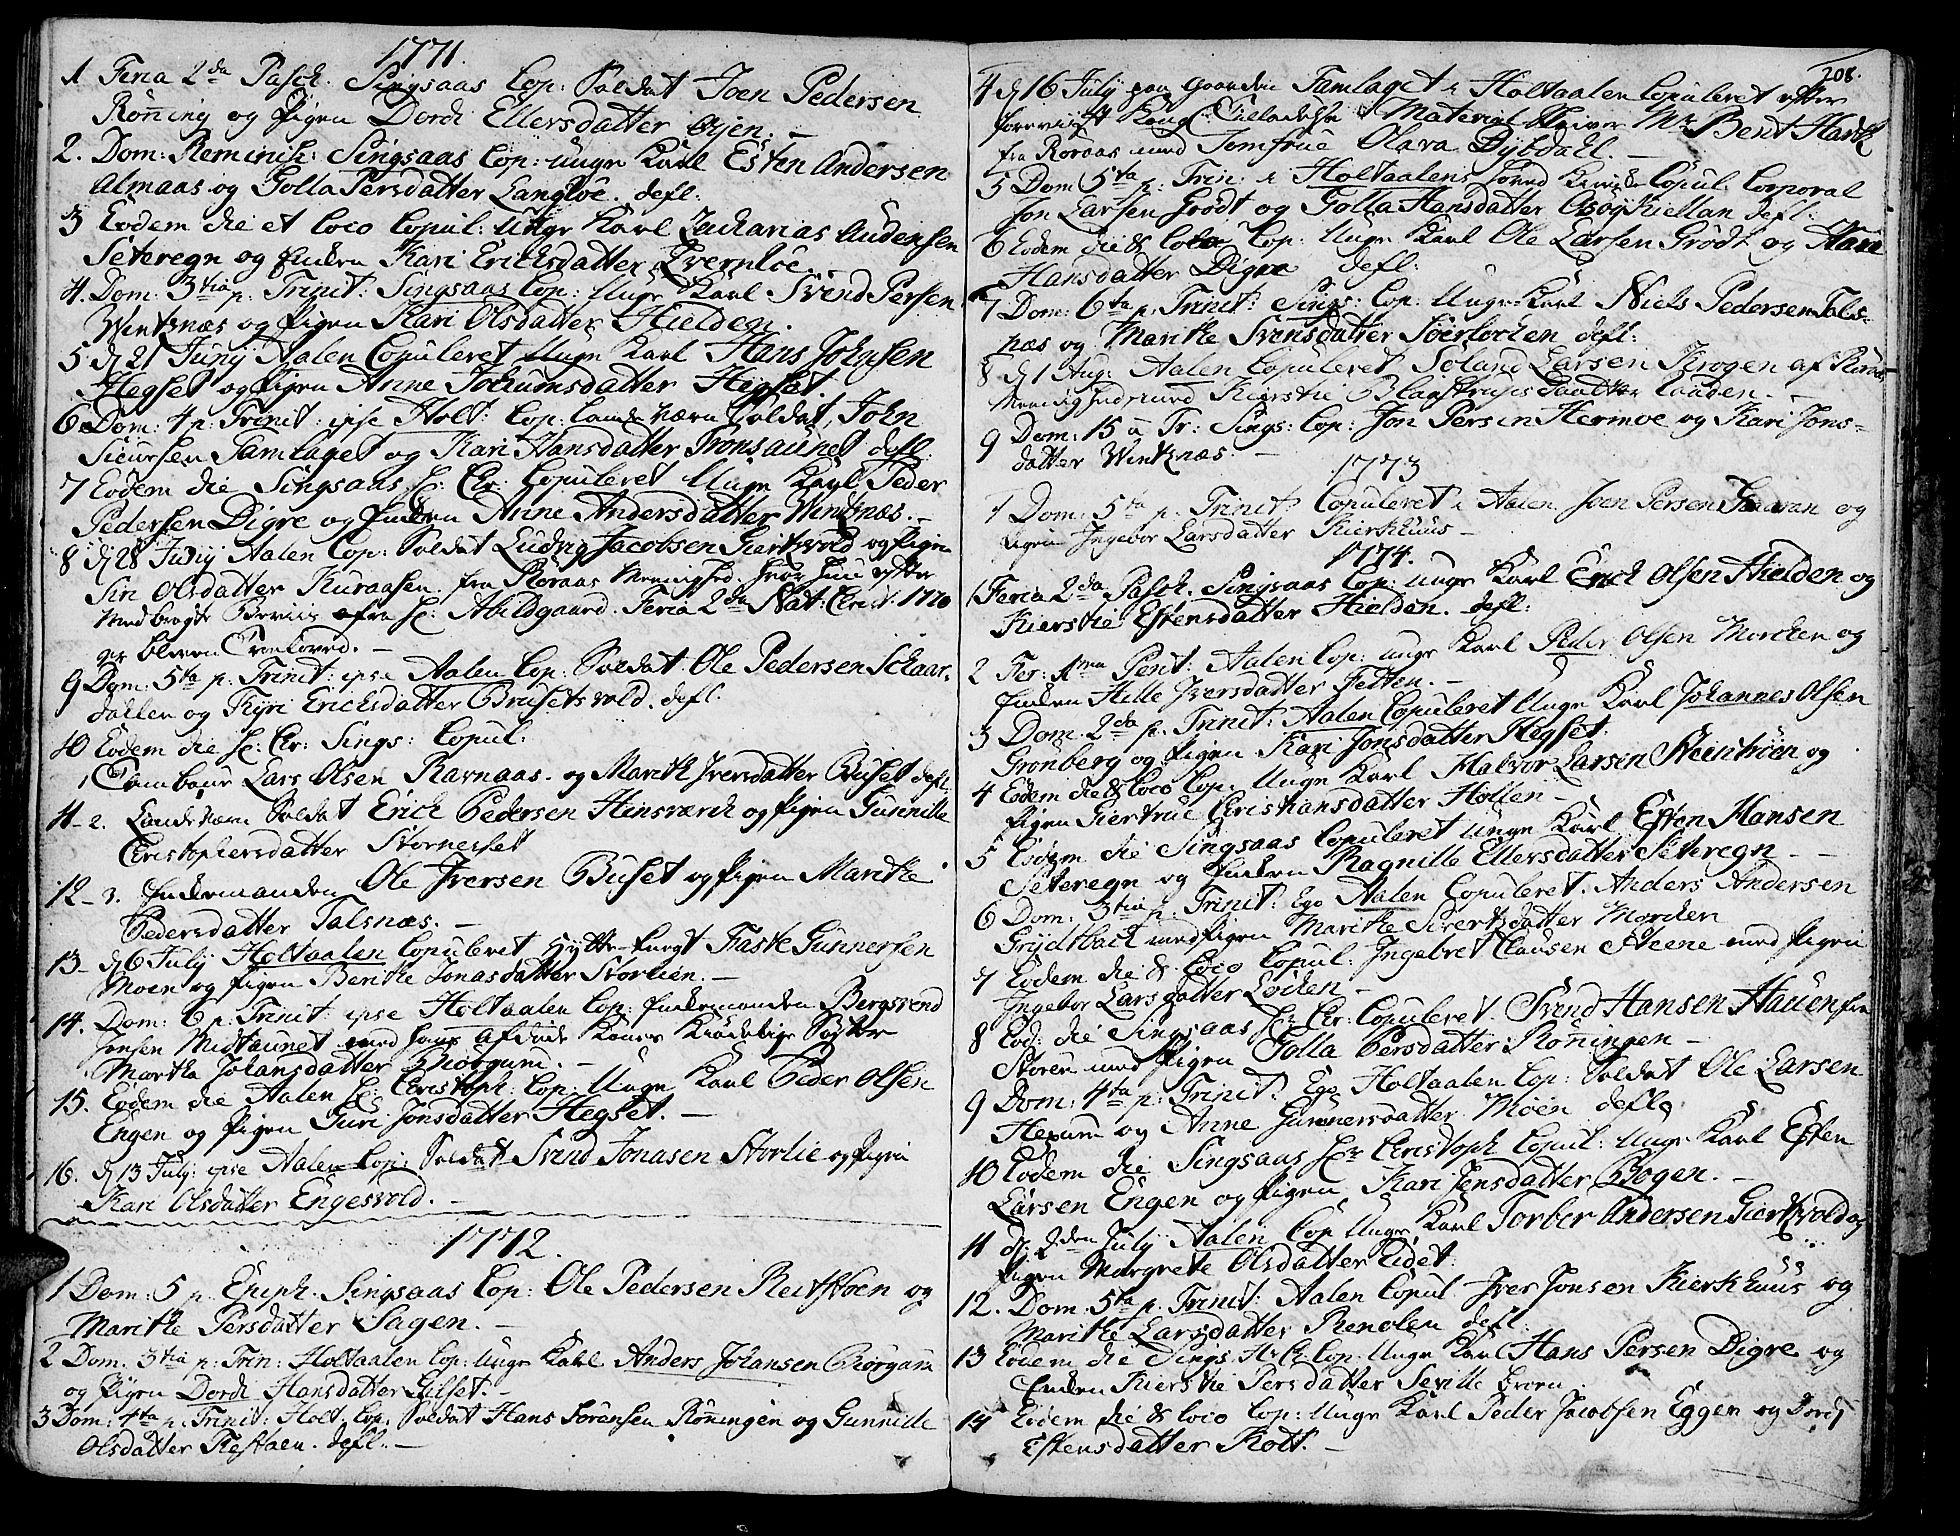 SAT, Ministerialprotokoller, klokkerbøker og fødselsregistre - Sør-Trøndelag, 685/L0952: Ministerialbok nr. 685A01, 1745-1804, s. 208